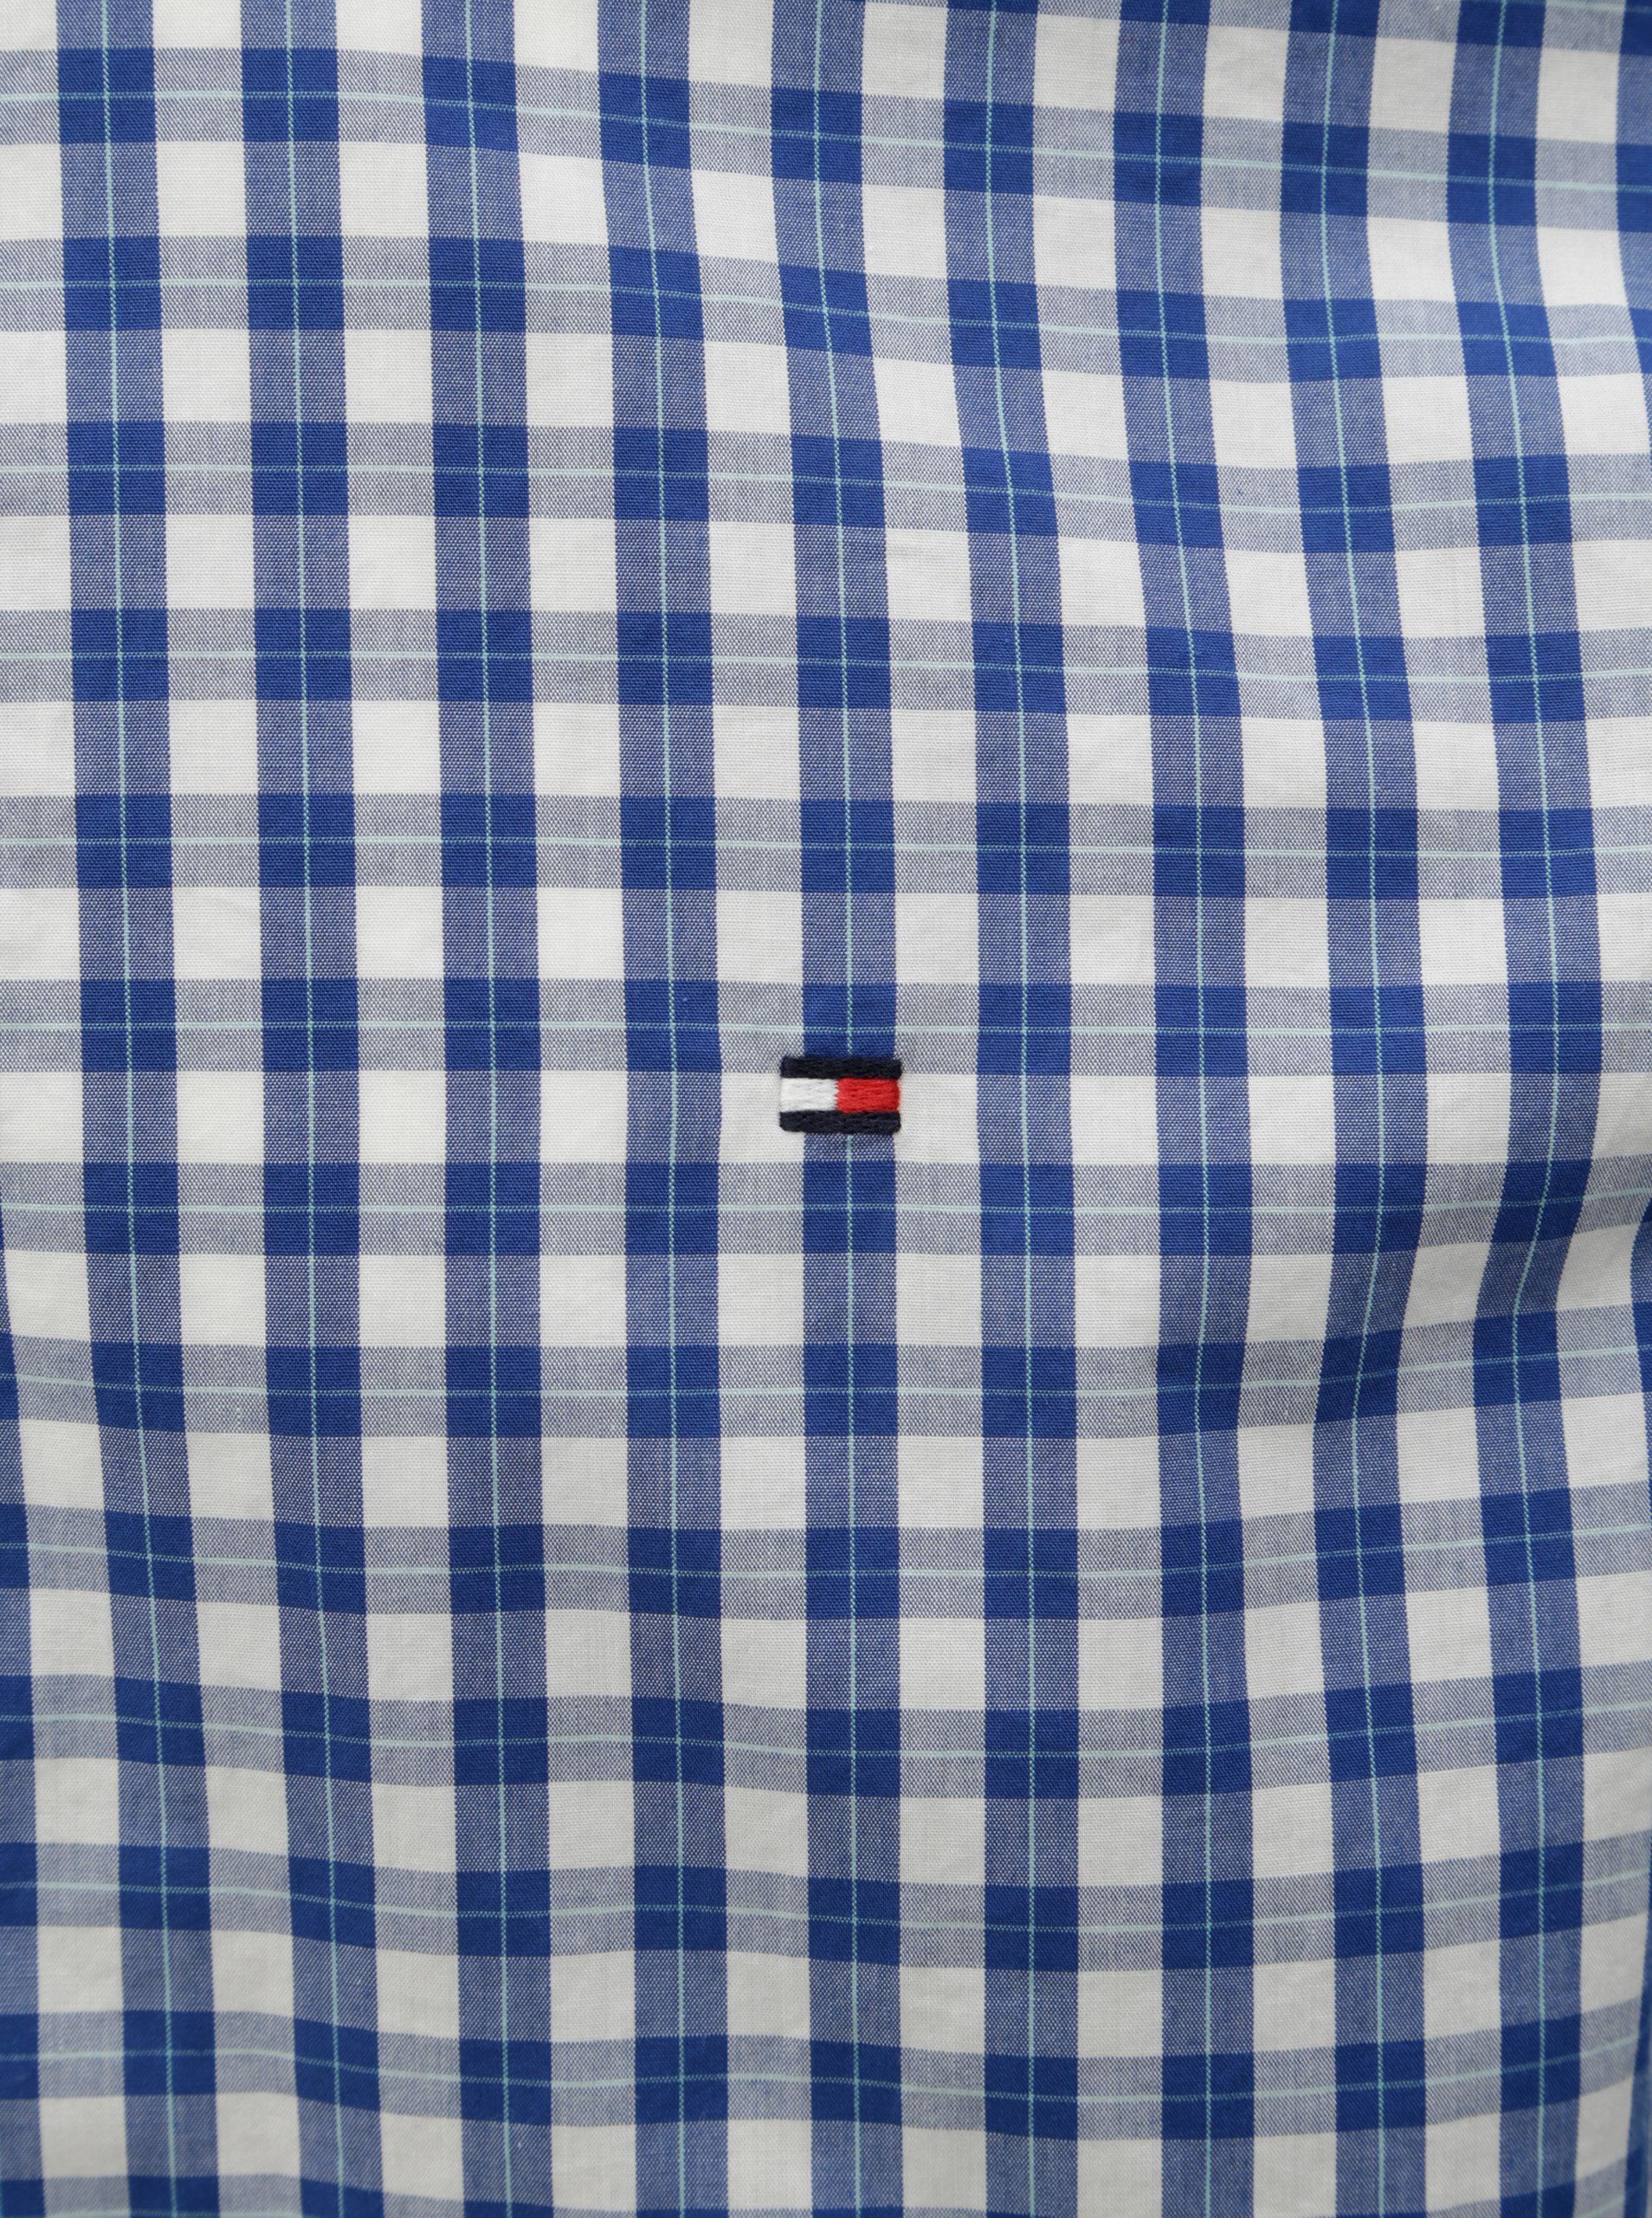 e3ef6ccff04c Modrá pánska kockovaná slim fit košeľa Tommy Hilfiger ...